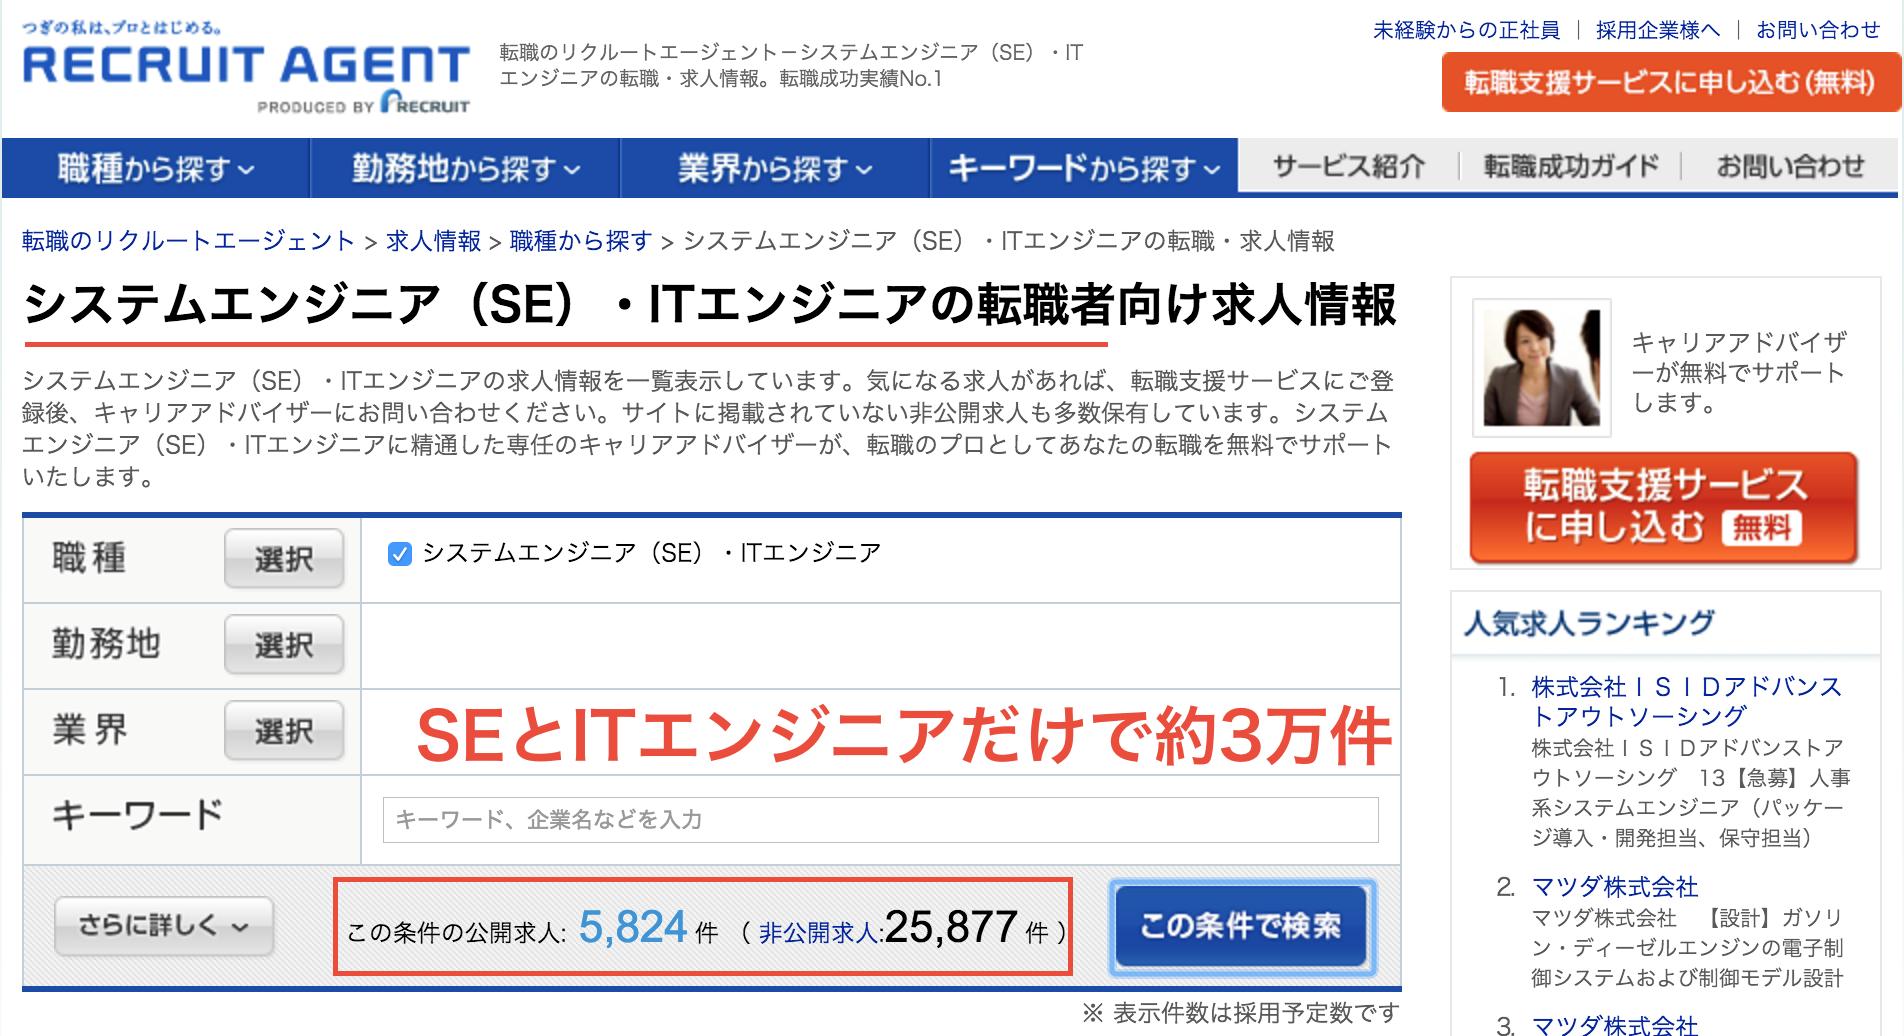 リクルートエージェント求人数(SE、ITエンジニア)